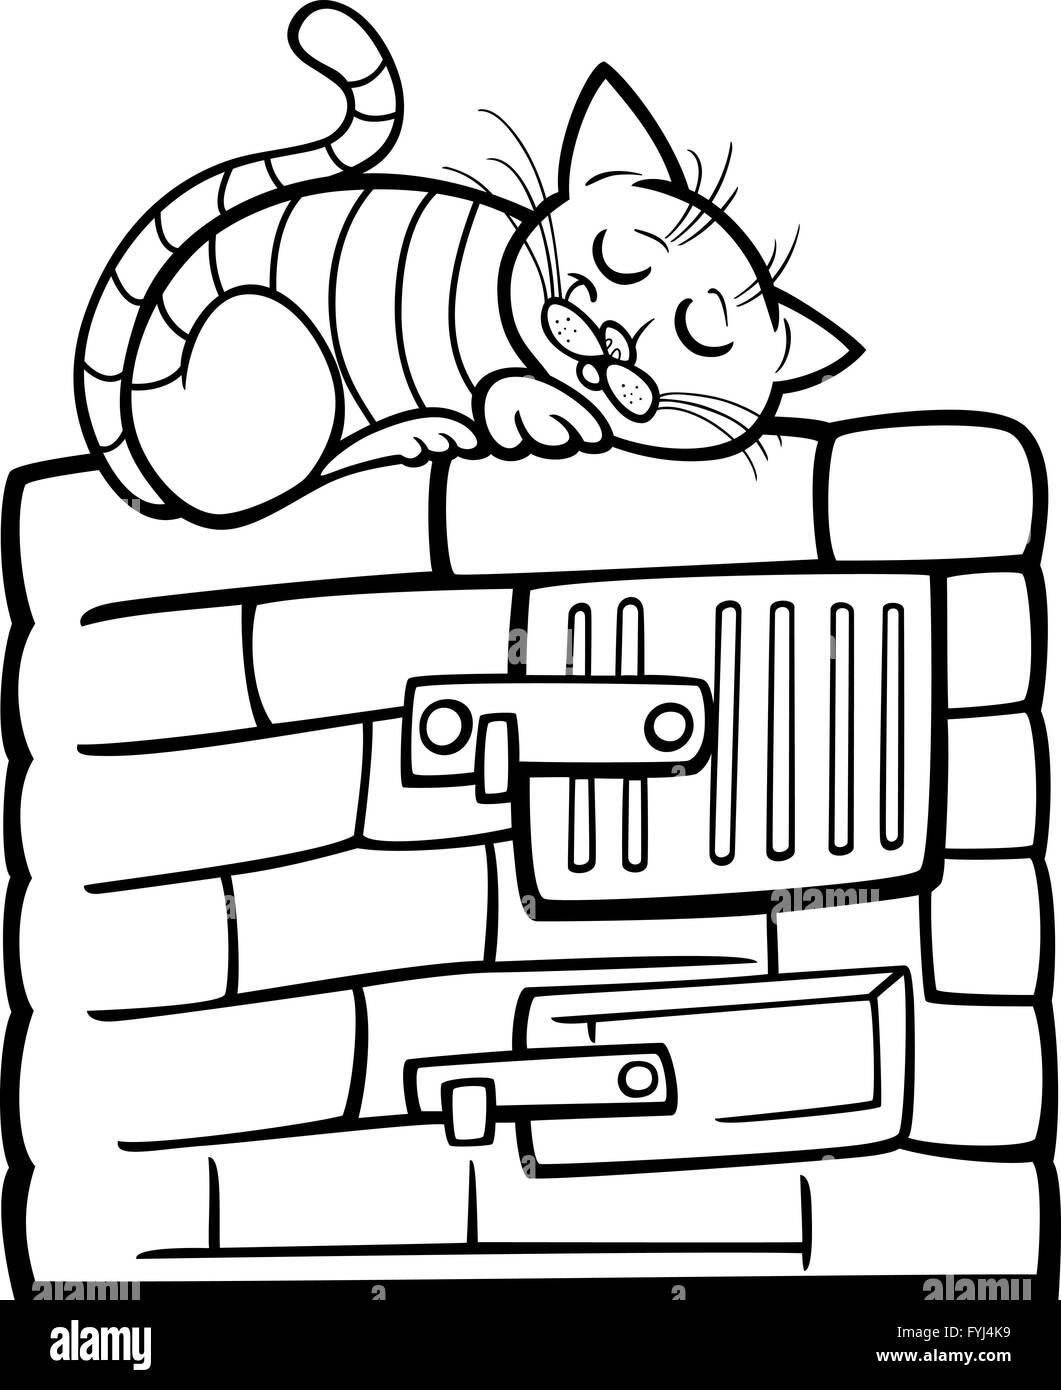 Katze auf Herd Cartoon Malvorlagen Stockfoto, Bild: 103046365 - Alamy